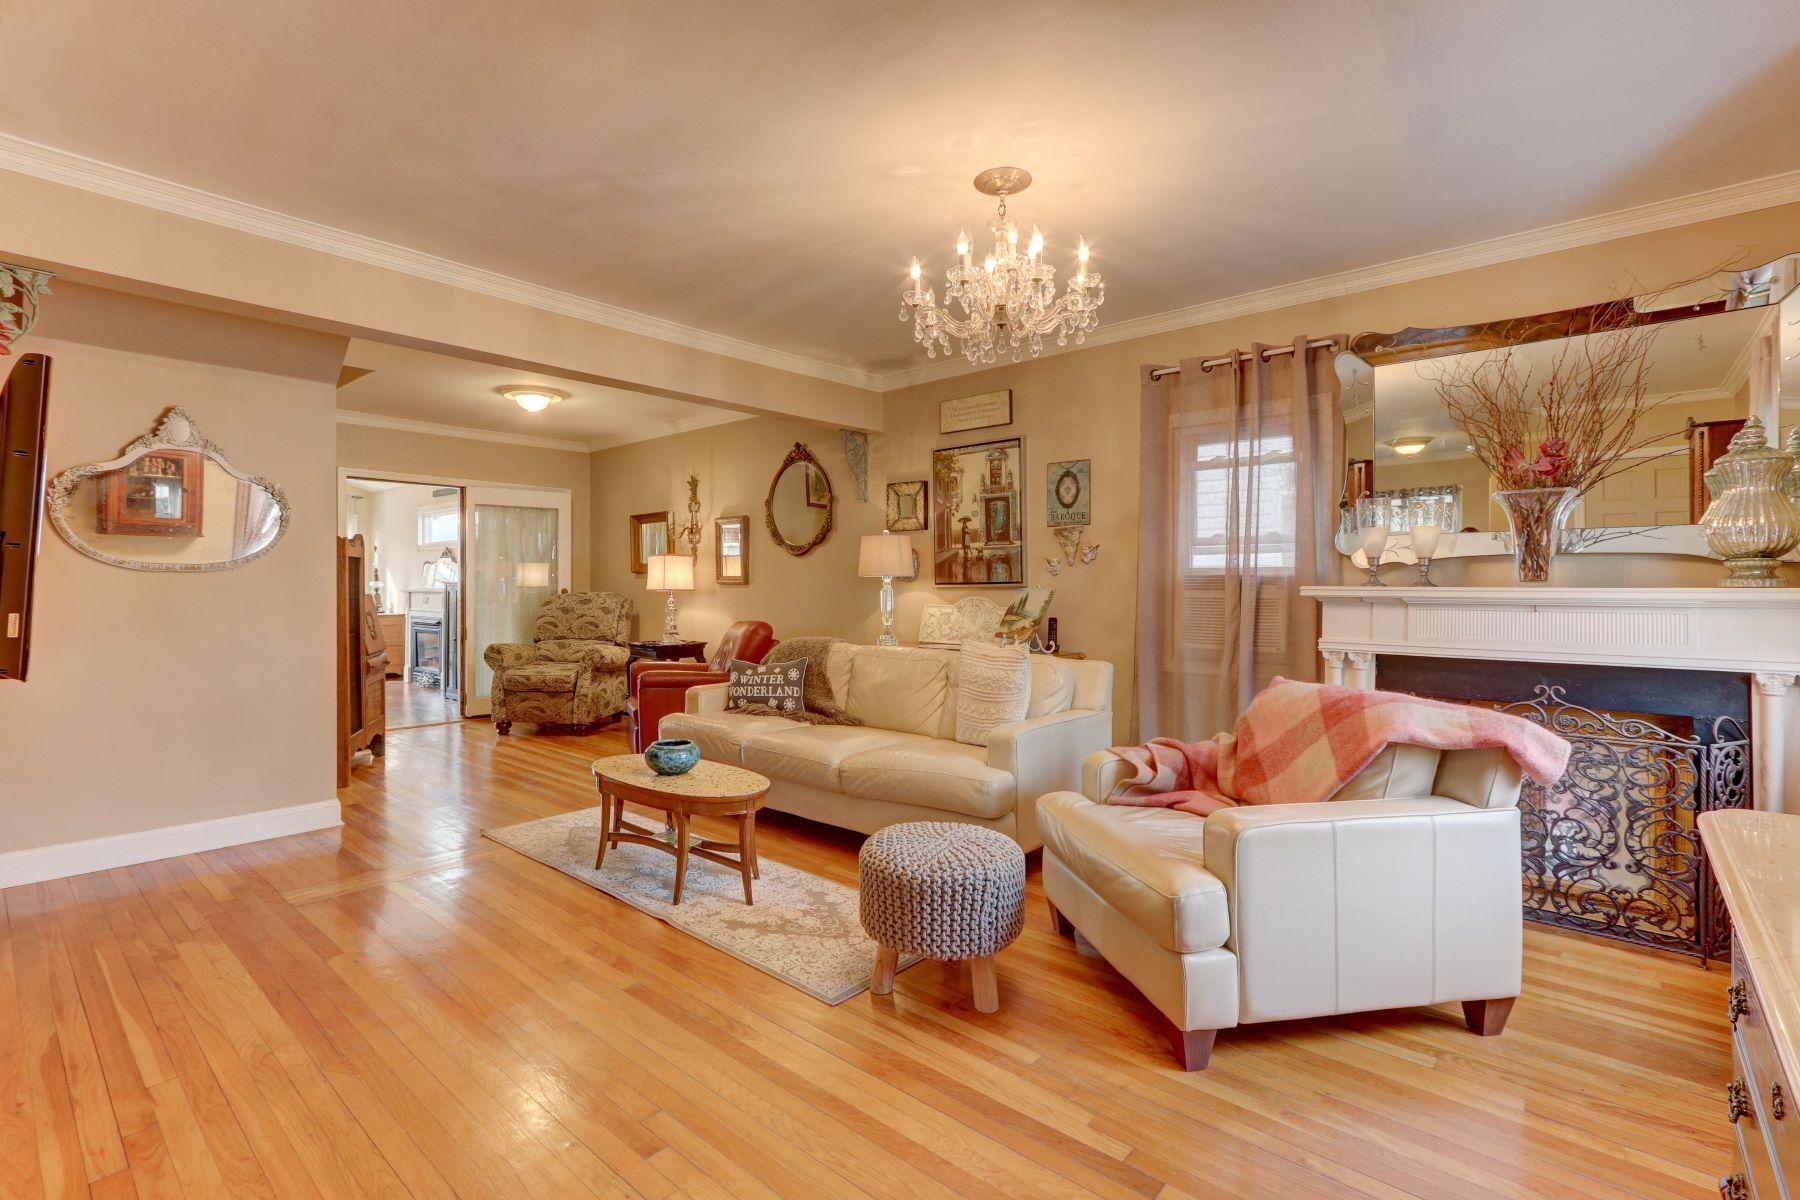 Maison unifamiliale pour l à vendre à 230 Jefferson St , Franklin Square, NY 11010 230 Jefferson St, Franklin Square, New York, 11010 États-Unis